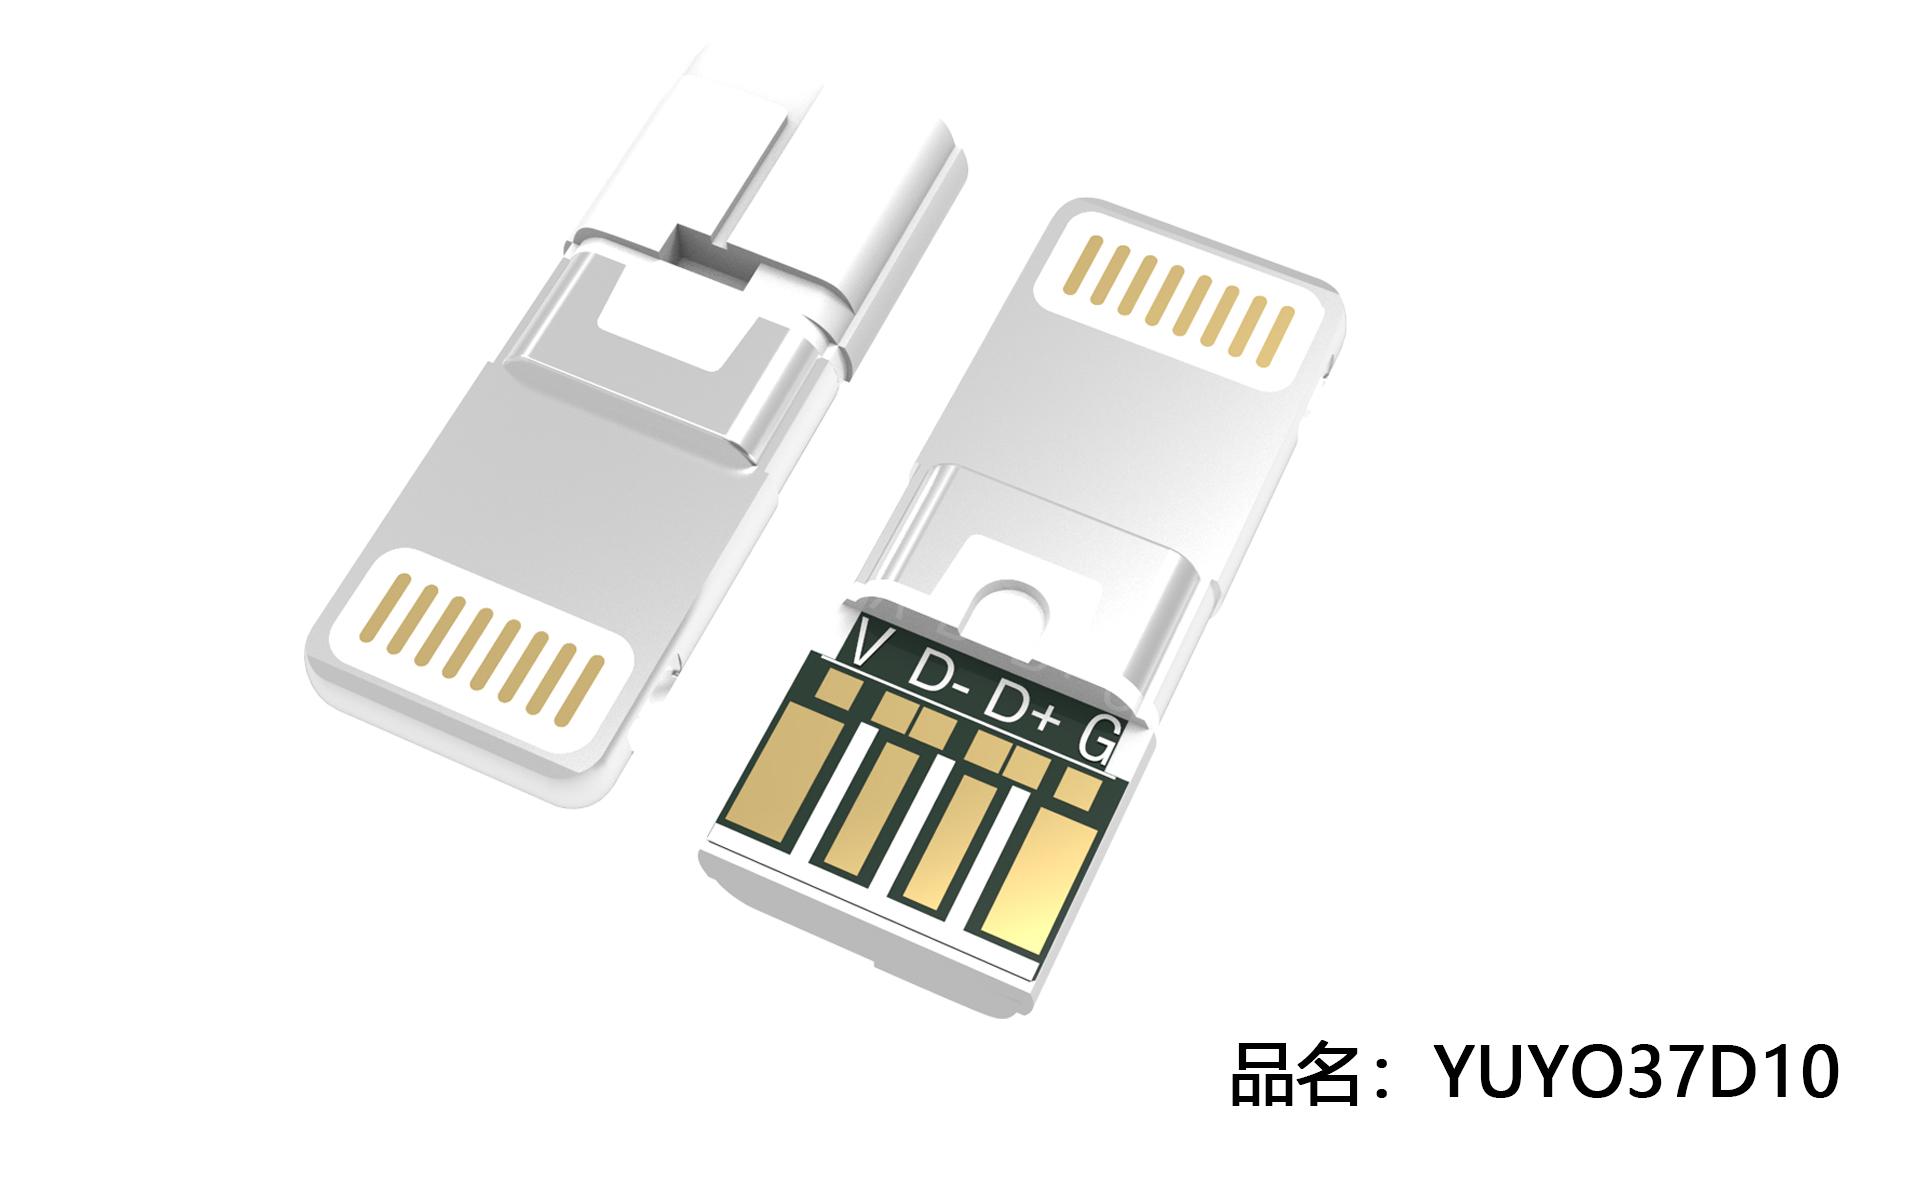 YUYO37D10